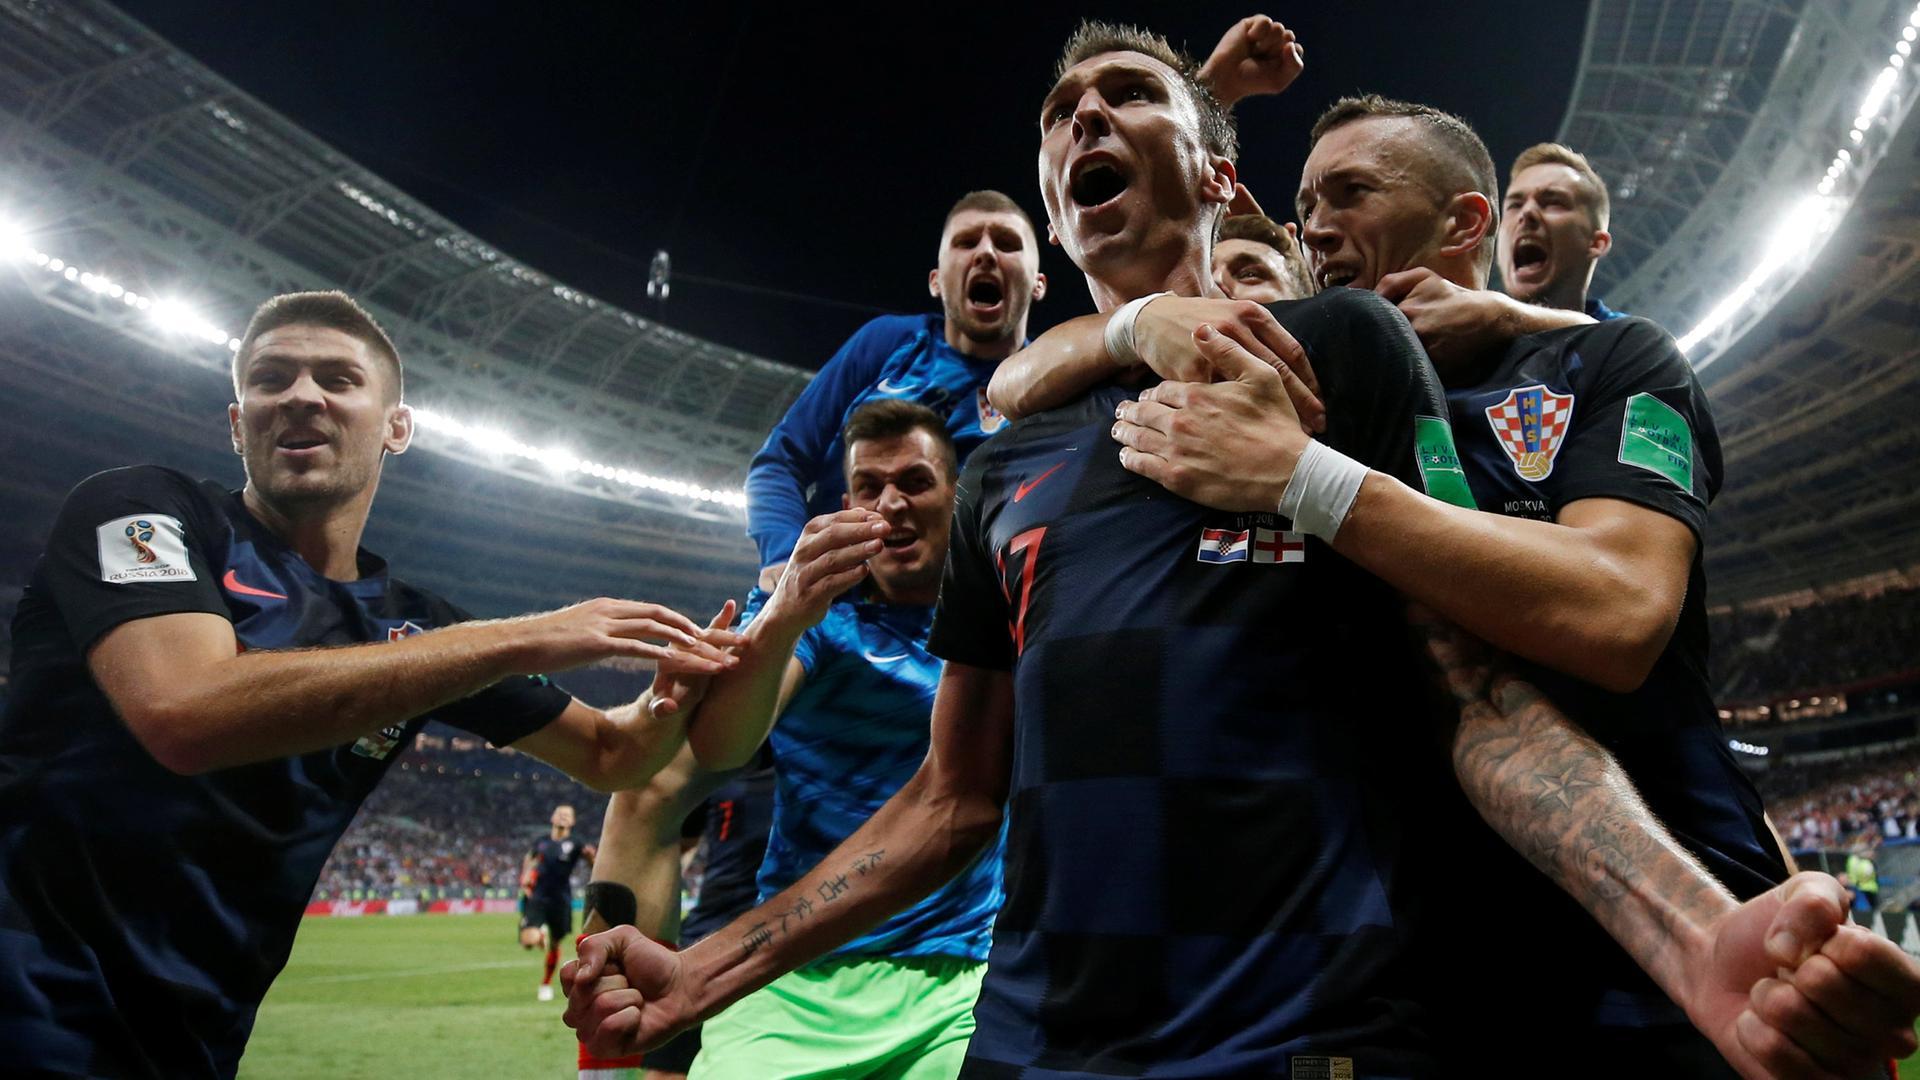 Die kroatischen Spieler feiern das Tor von Mario Mandžukić